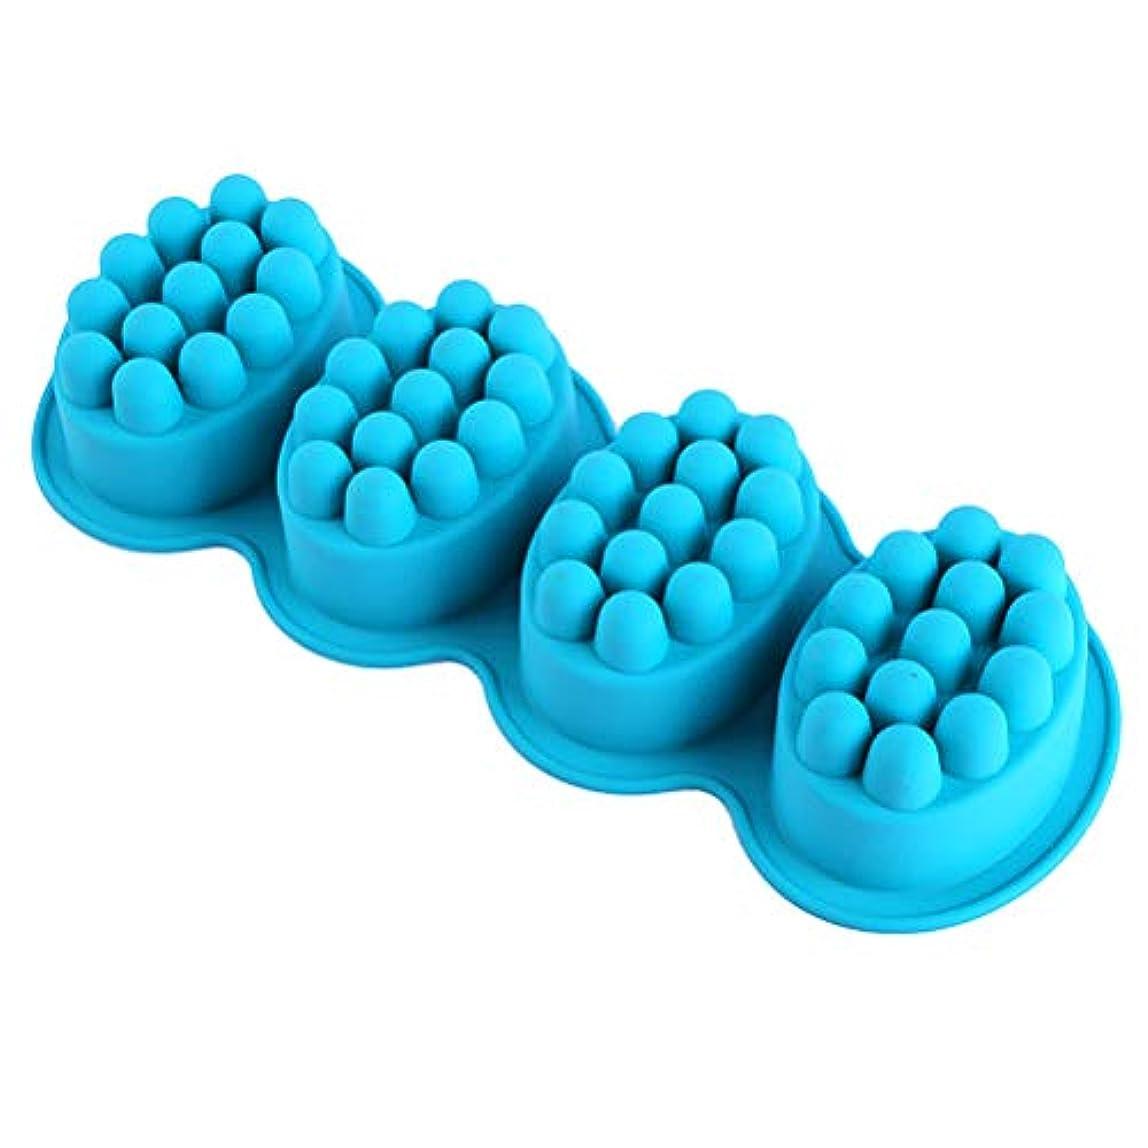 フィードコマース学校教育Healifty DIYのケーキのための4つのキャビティシリコーンの石鹸型が付いているマッサージの石鹸棒型(緑)